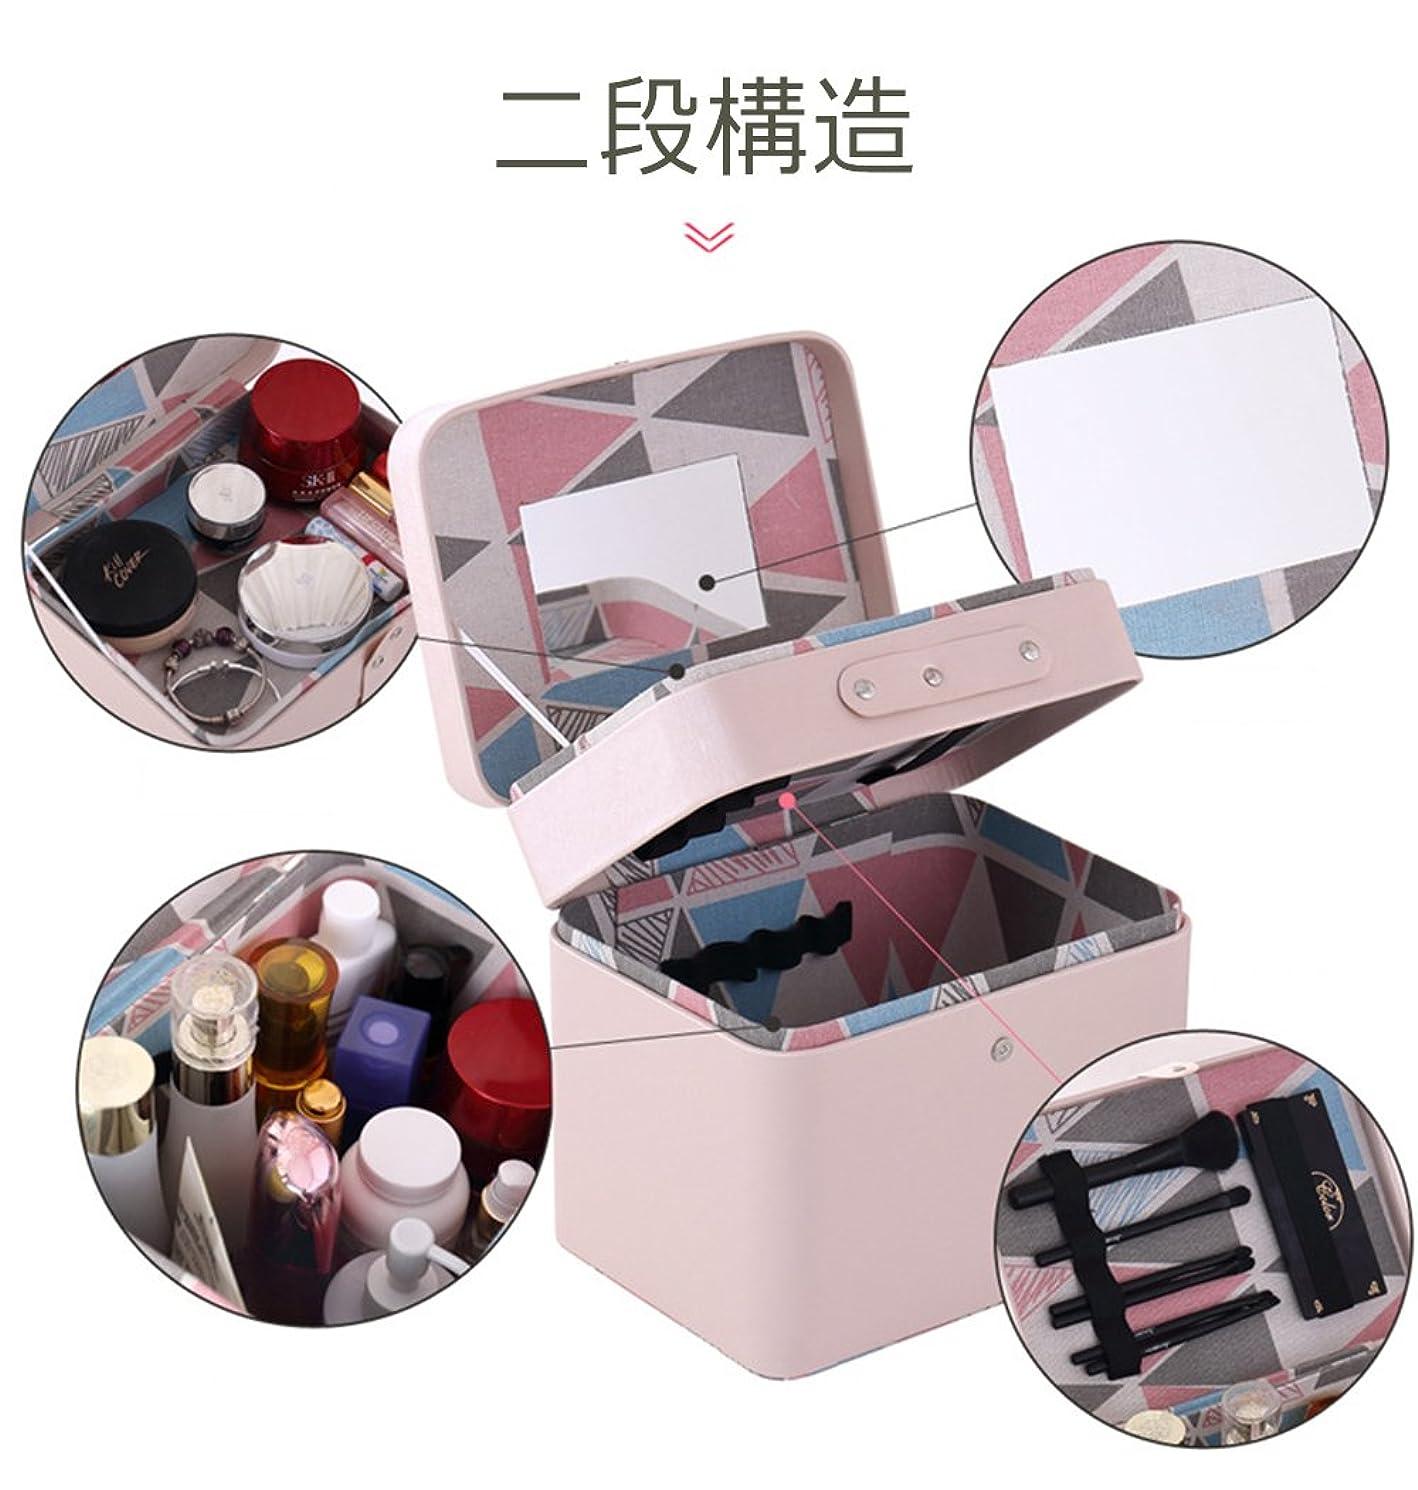 マンモス消毒する市の中心部SZTulip メイクボックス コスメボックス 大容量収納ケース メイクブラシ化粧道具 小物入れ 鏡付き 化粧品収納ボックス (ピンク)